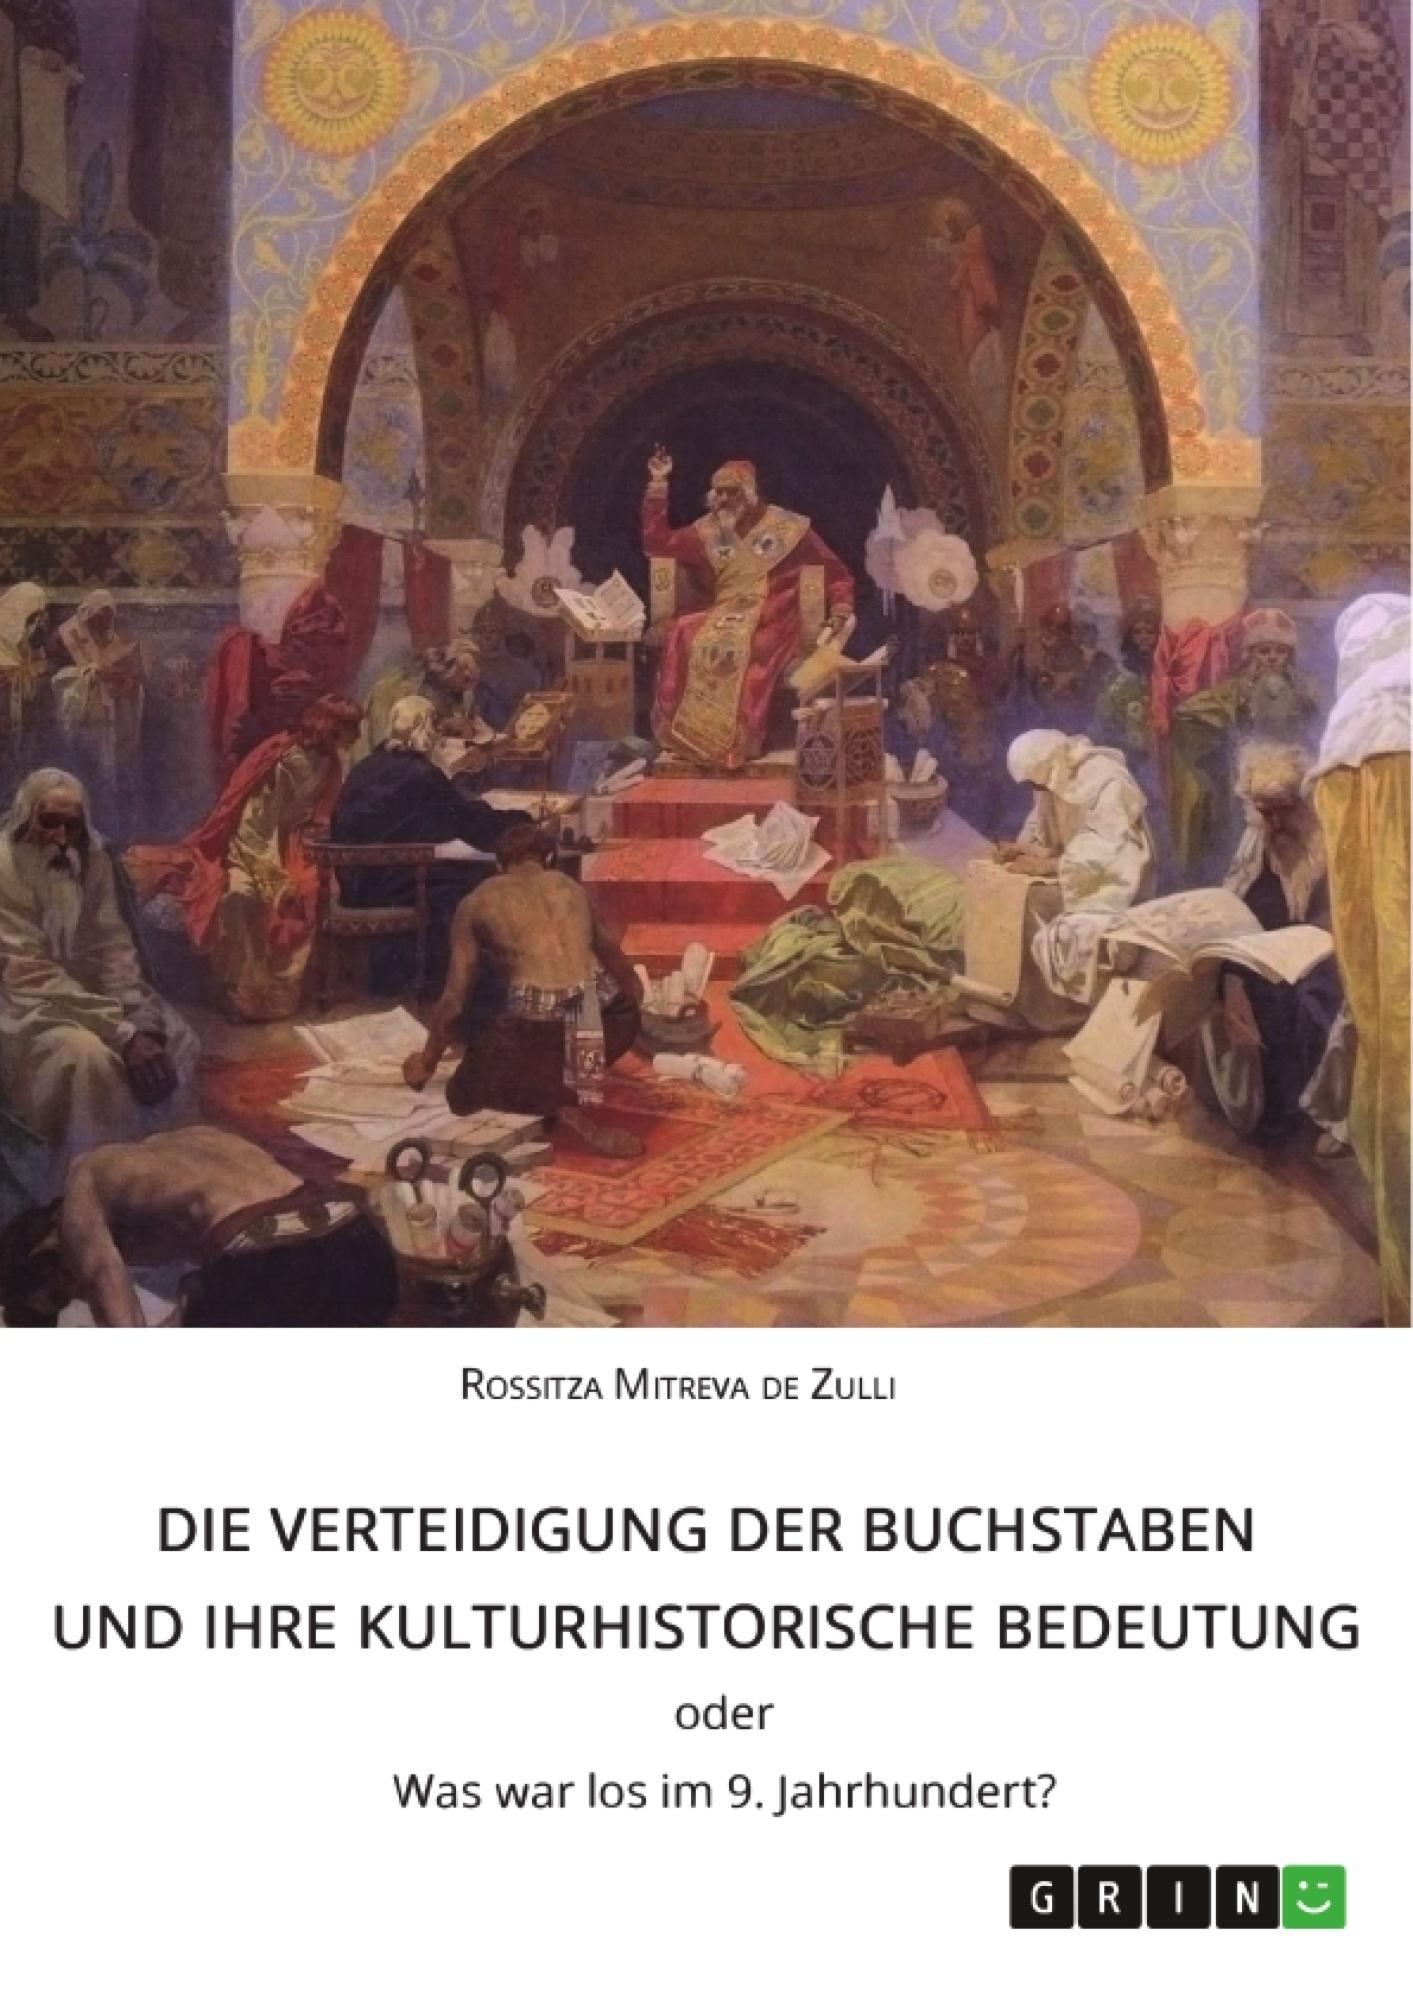 Título: Die Verteidigung der Buchstaben und ihre kulturhistorische Bedeutung ODER Was war los im 9. Jahrhundert?